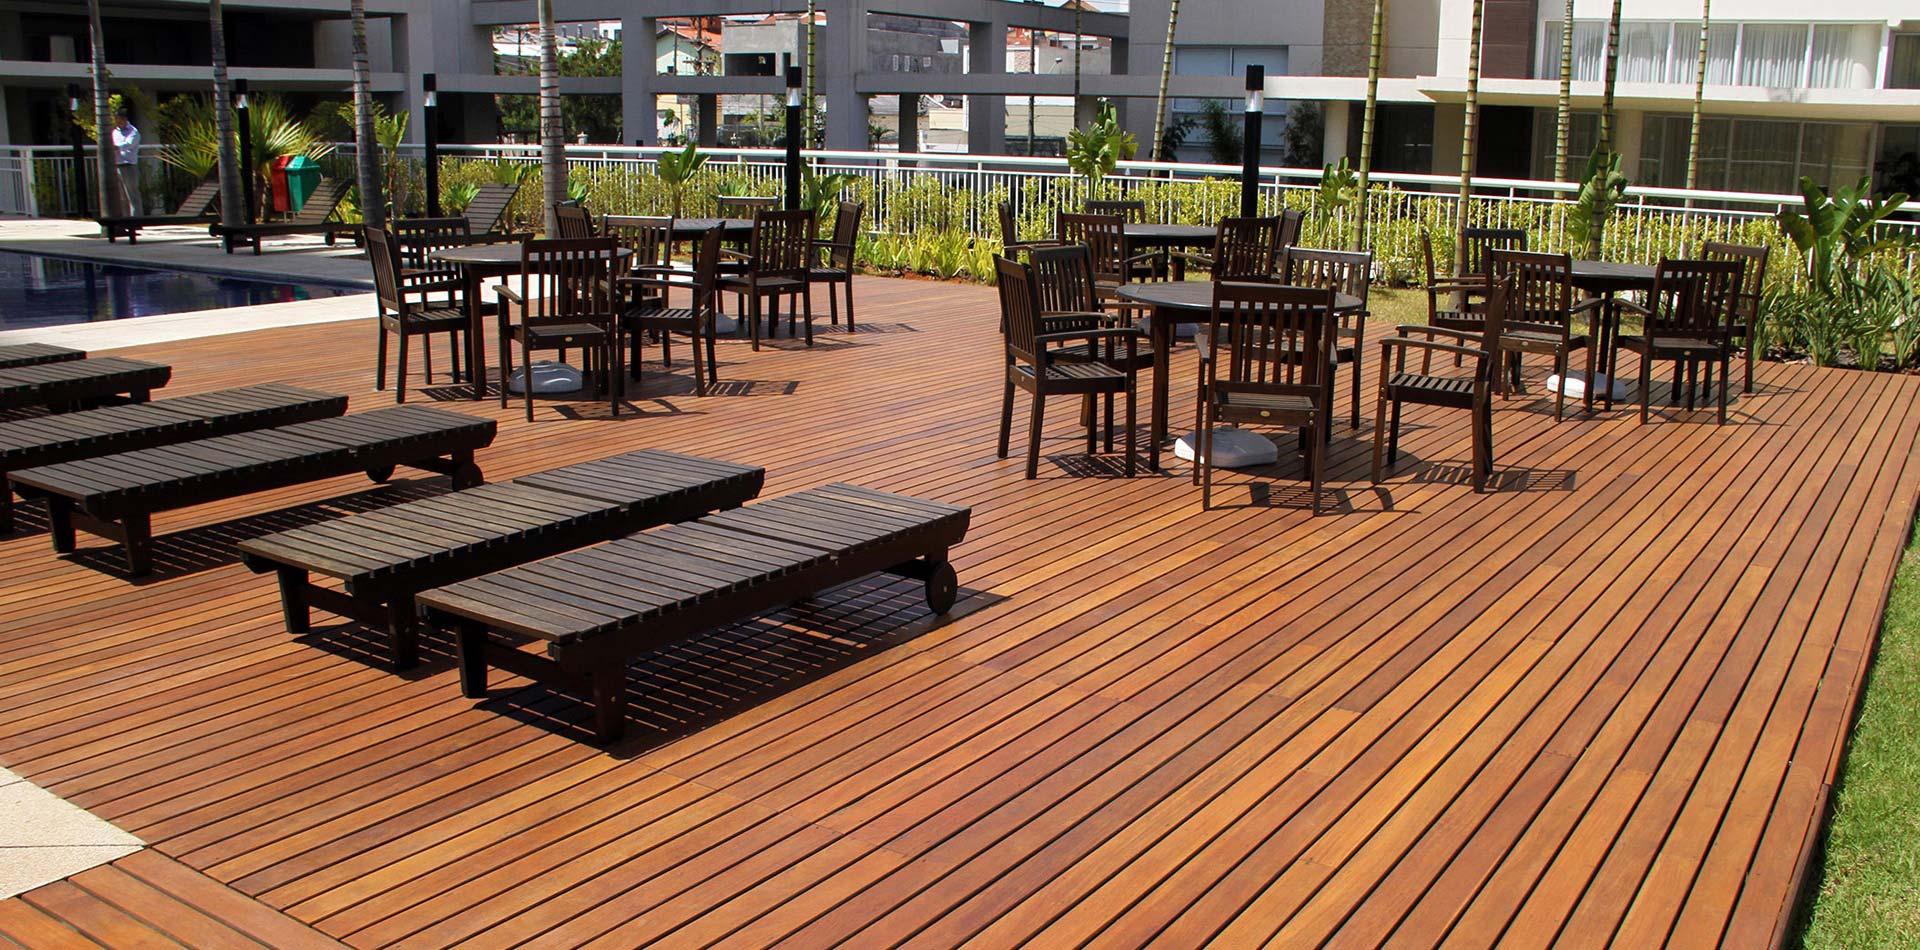 6 dicas de conservação do deck de madeira em áreas com piscina